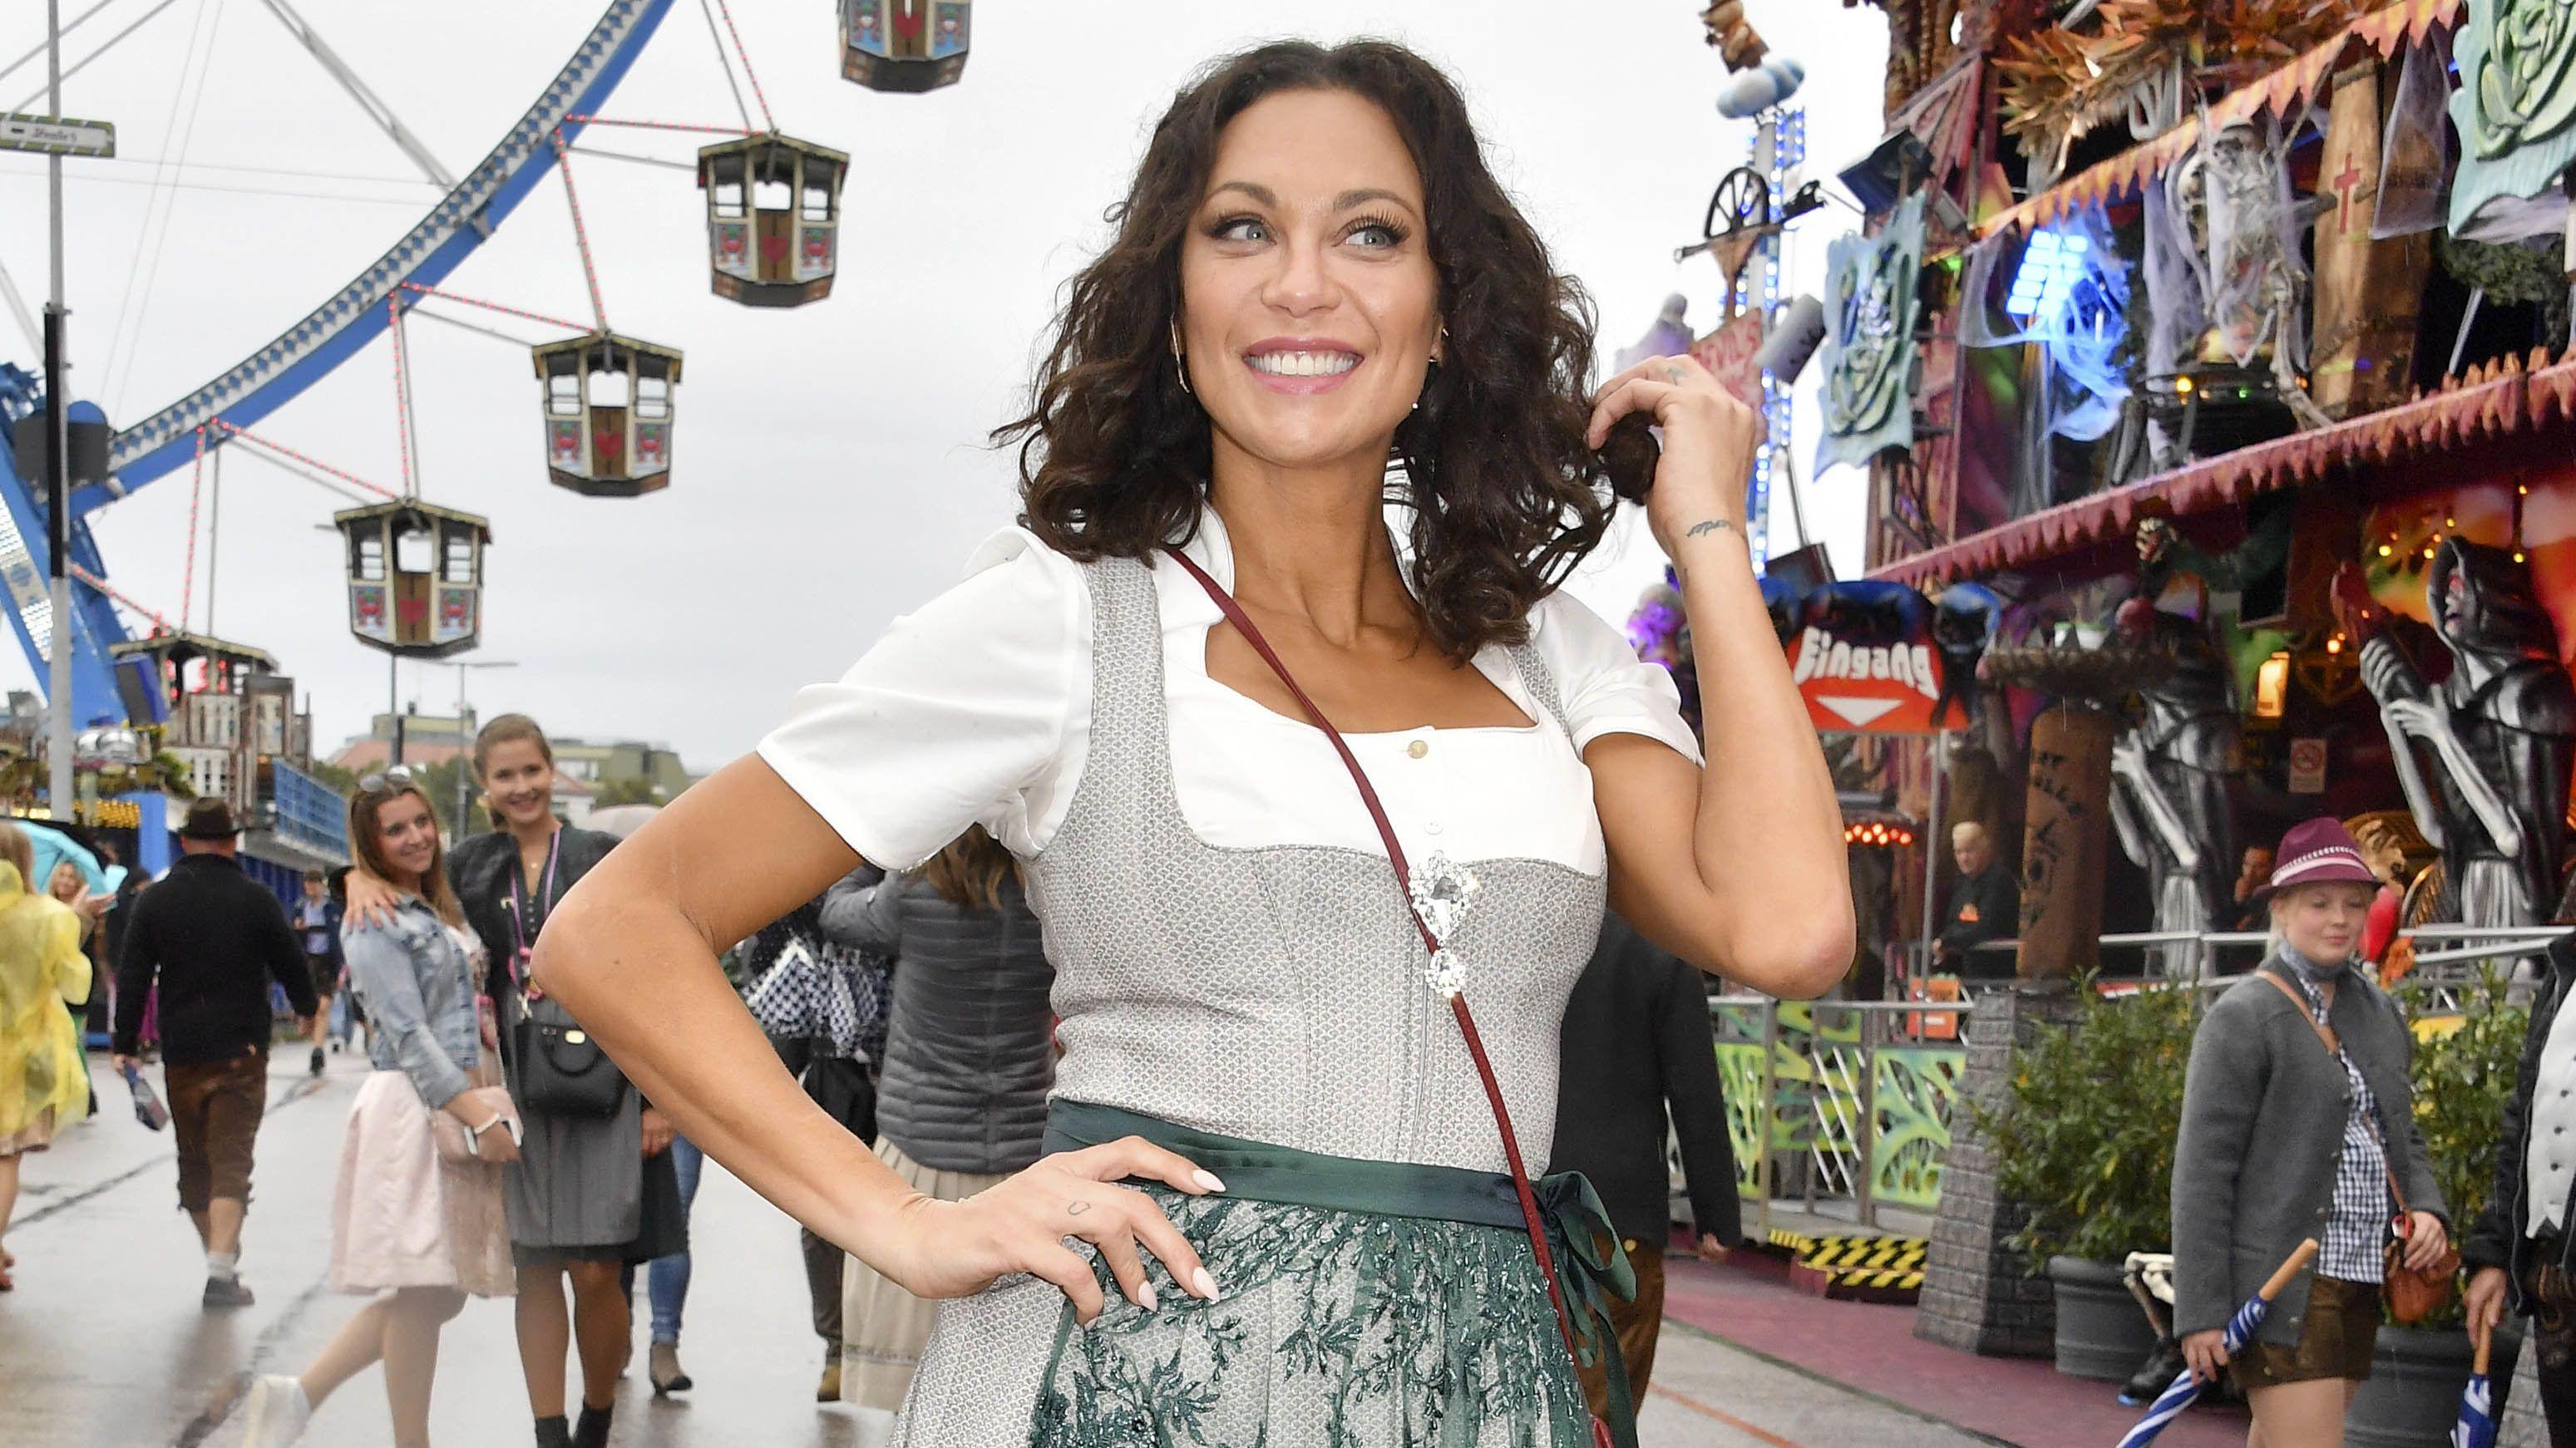 Lilly Becker posiert im Dirndl 2019 vor Riesenrad und Buden auf dem Oktoberfest